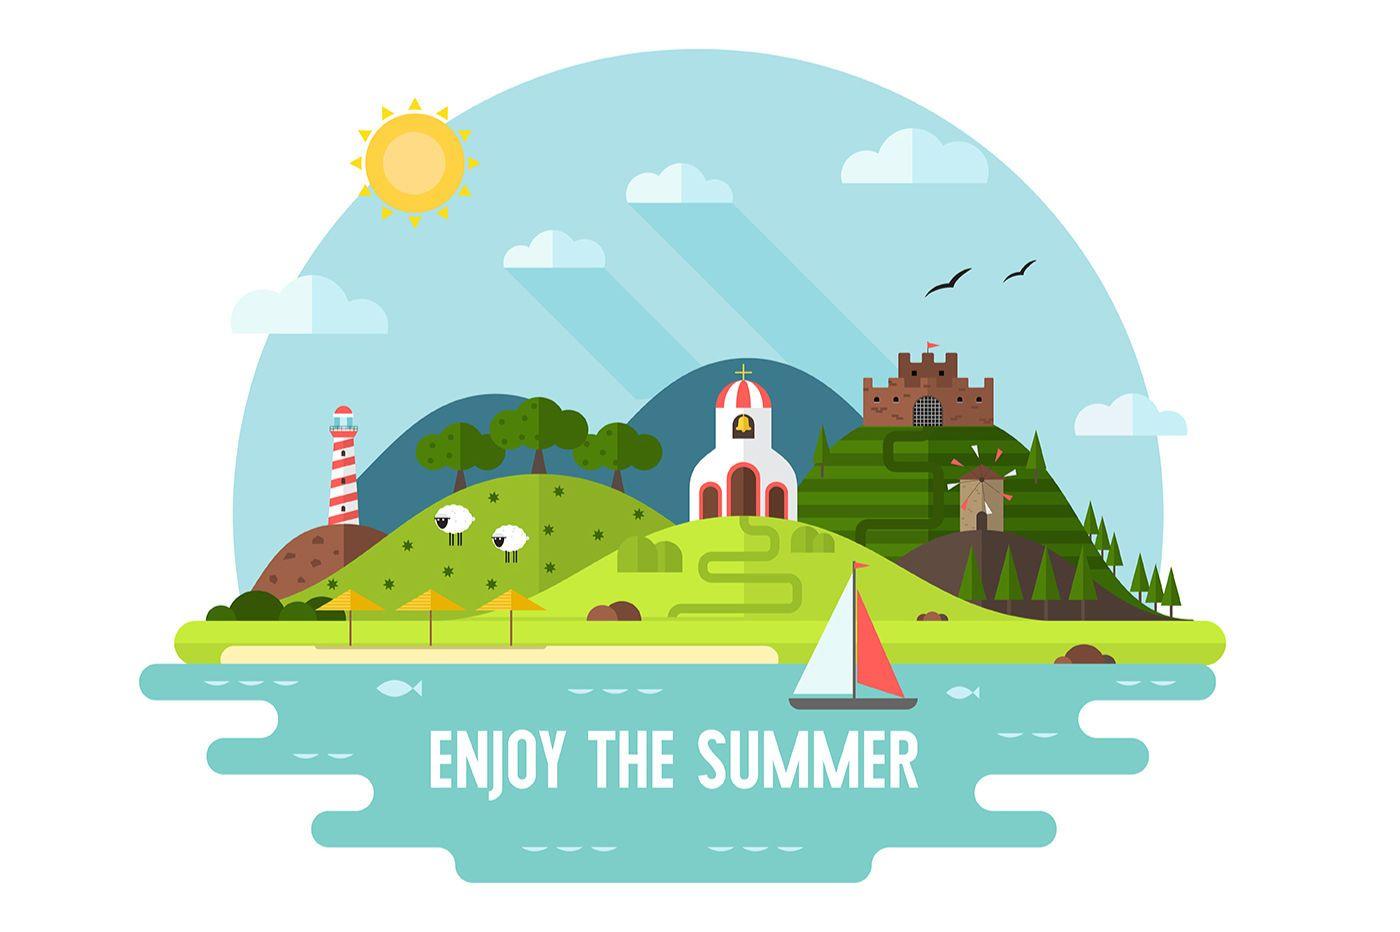 Summer Island Travel Flat Landscapes By Kruglivector